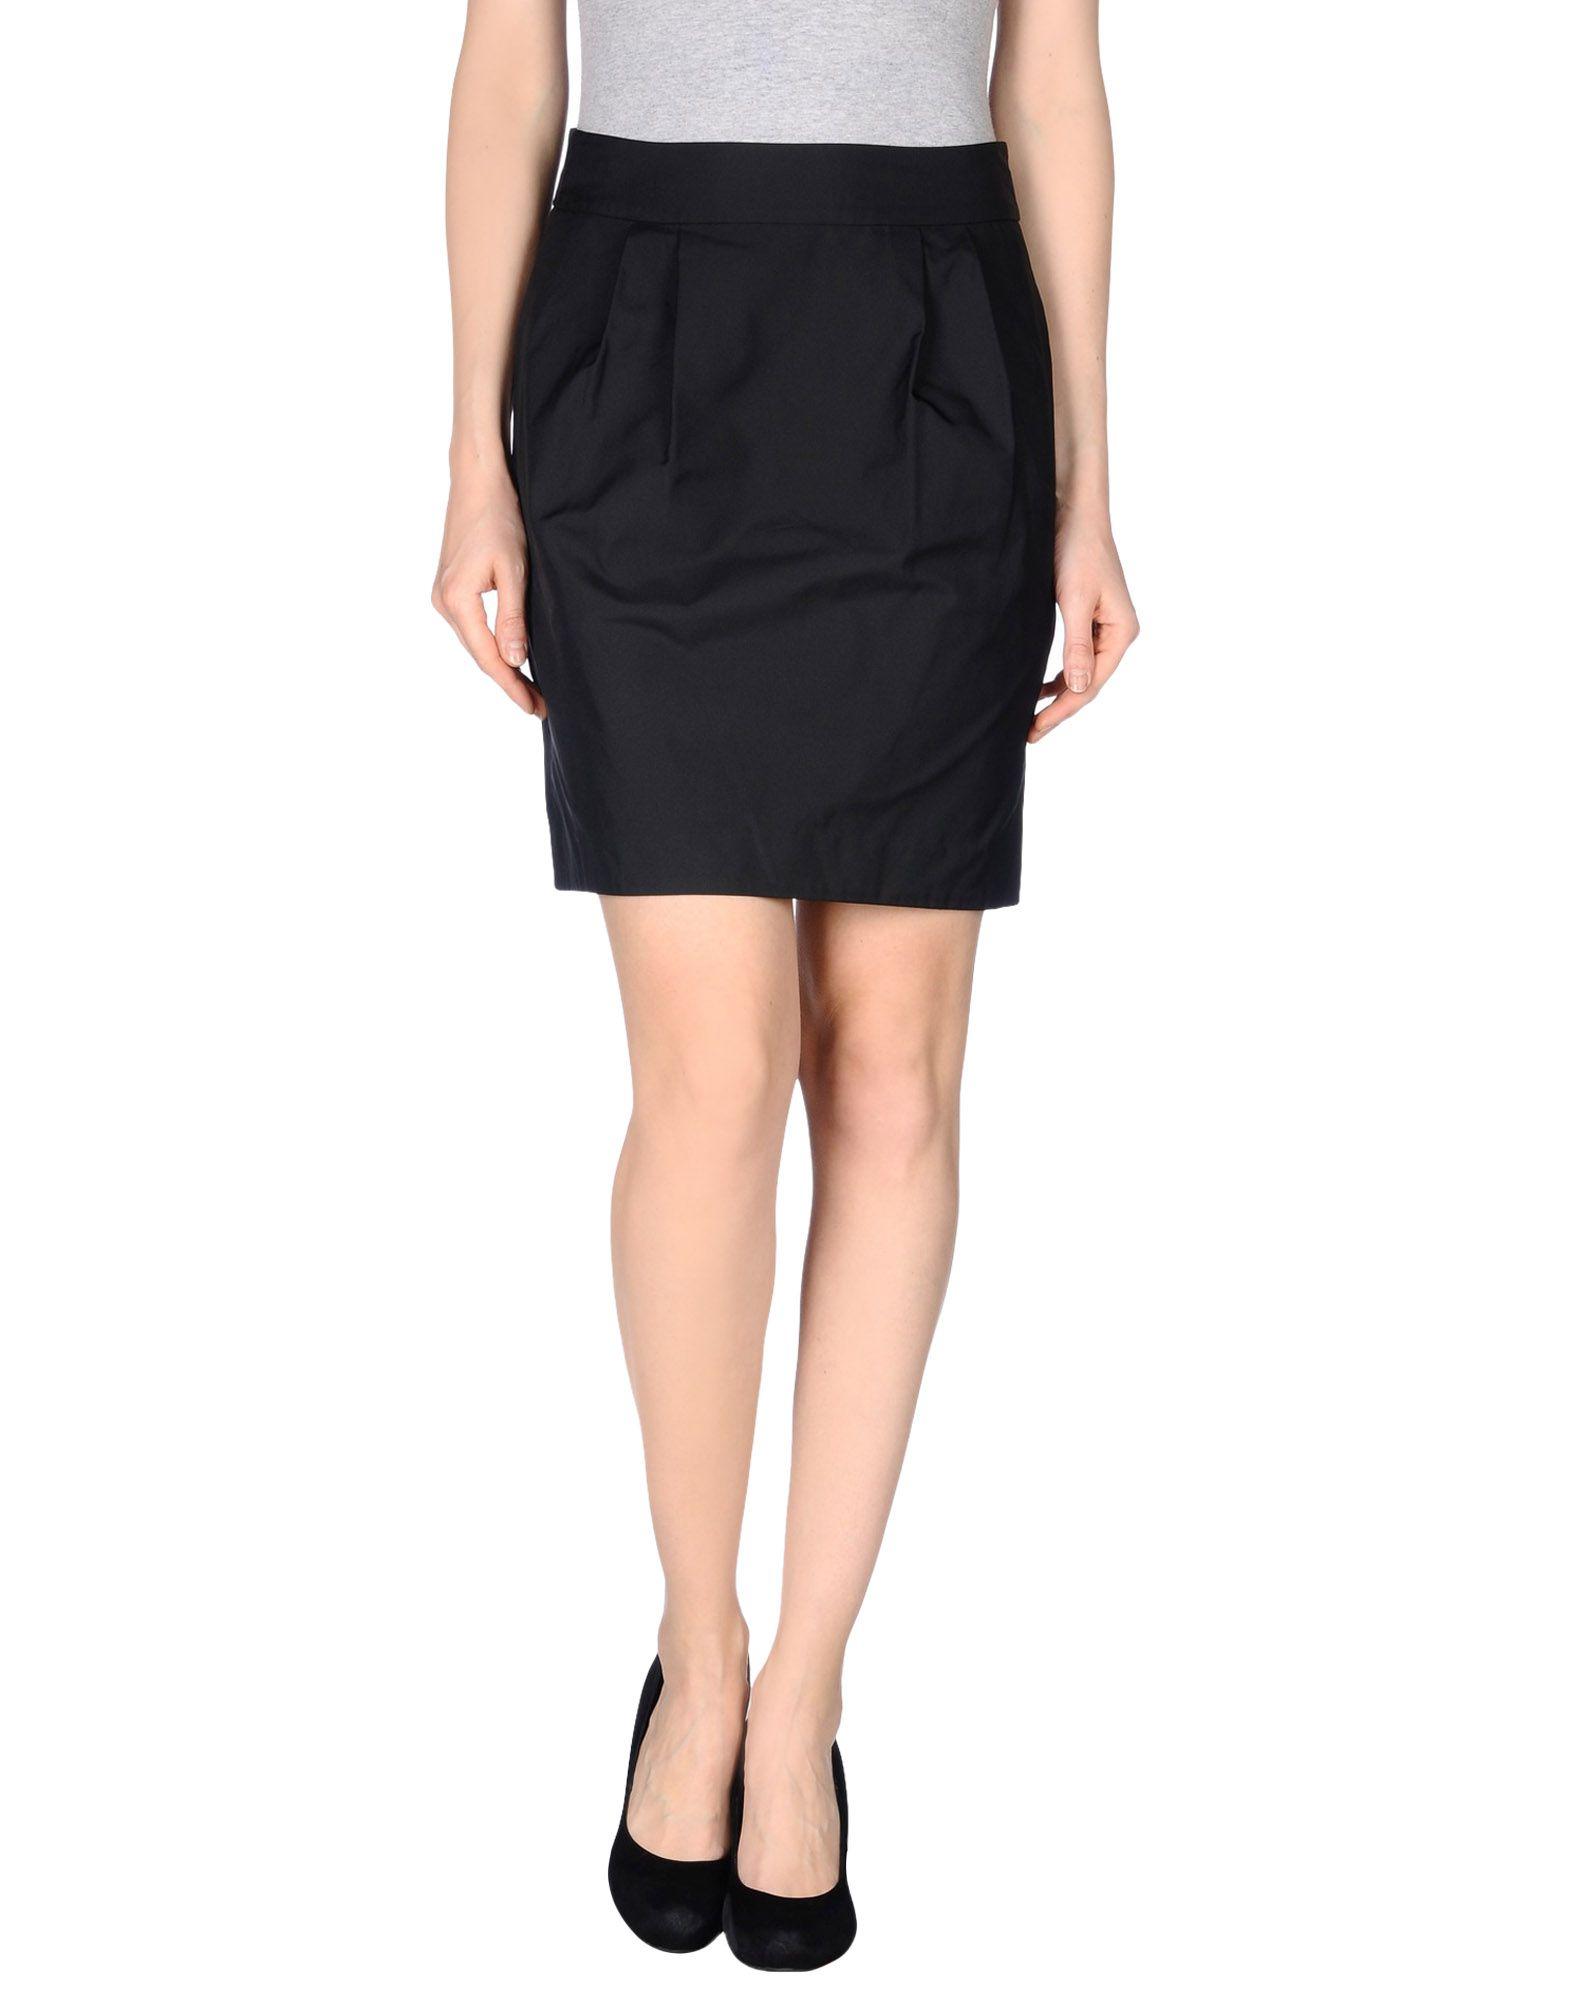 dkny knee length skirt in black lyst